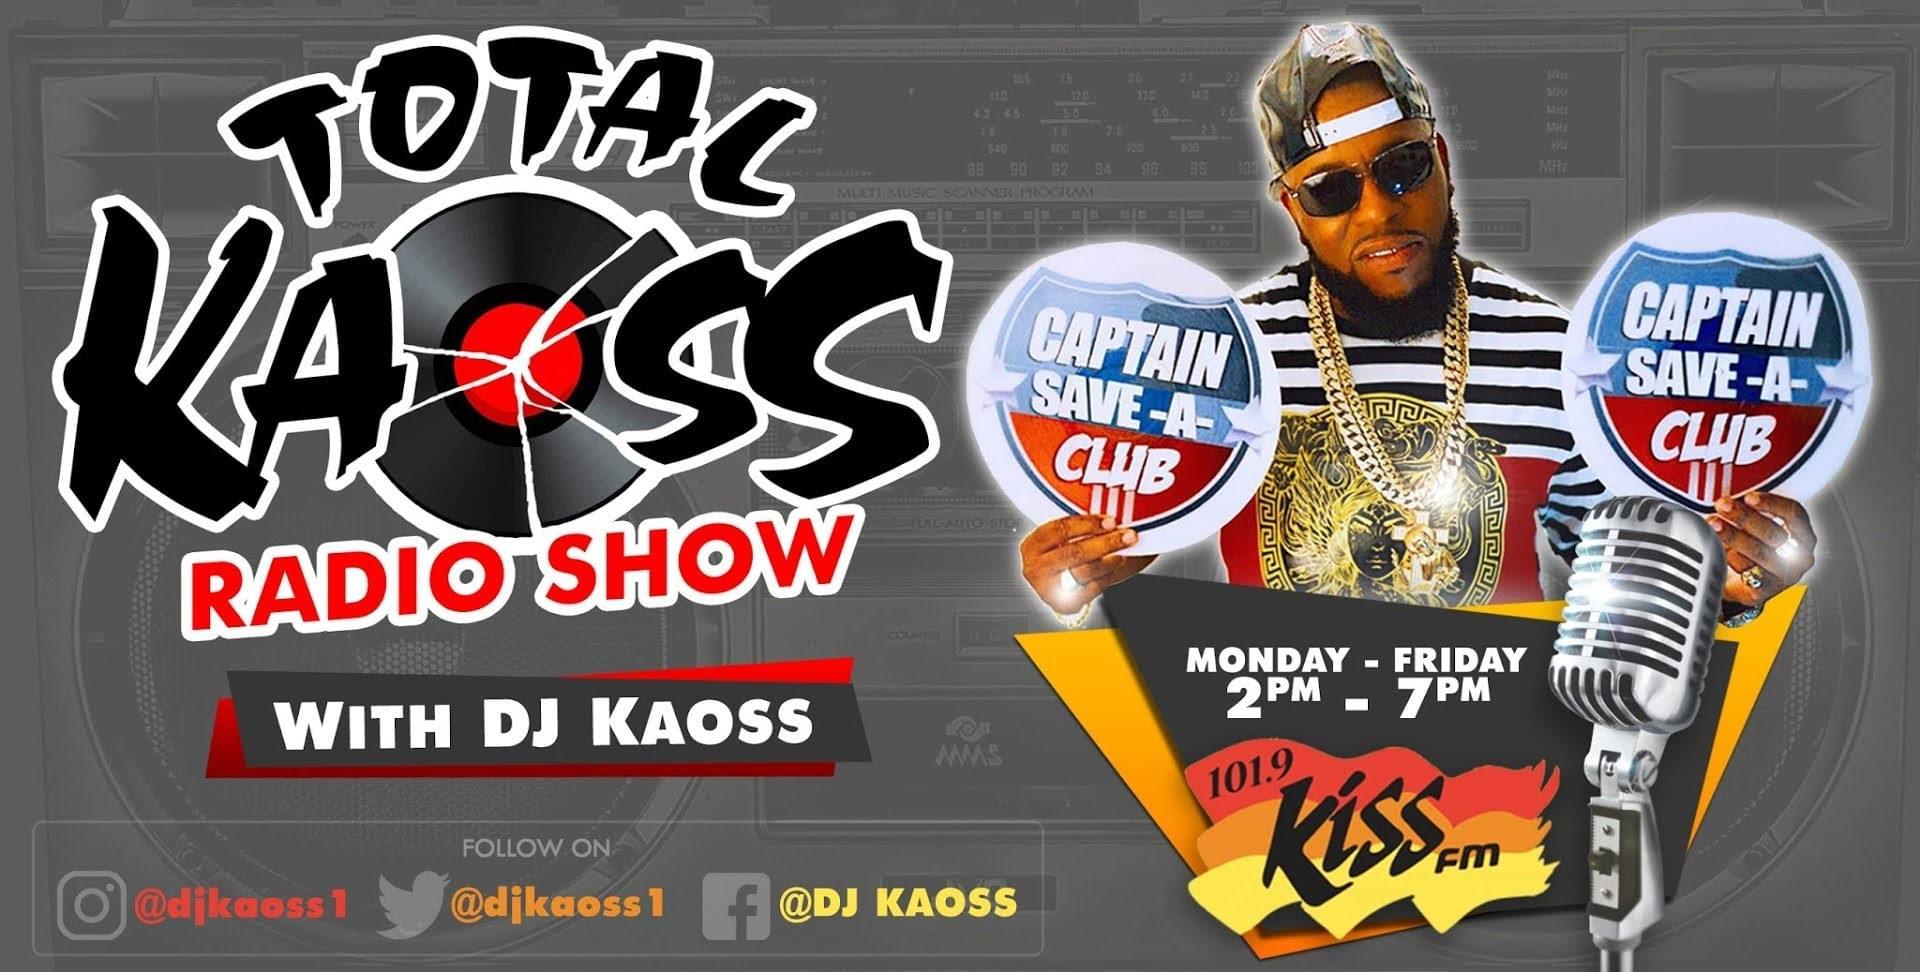 DJ Kaoss